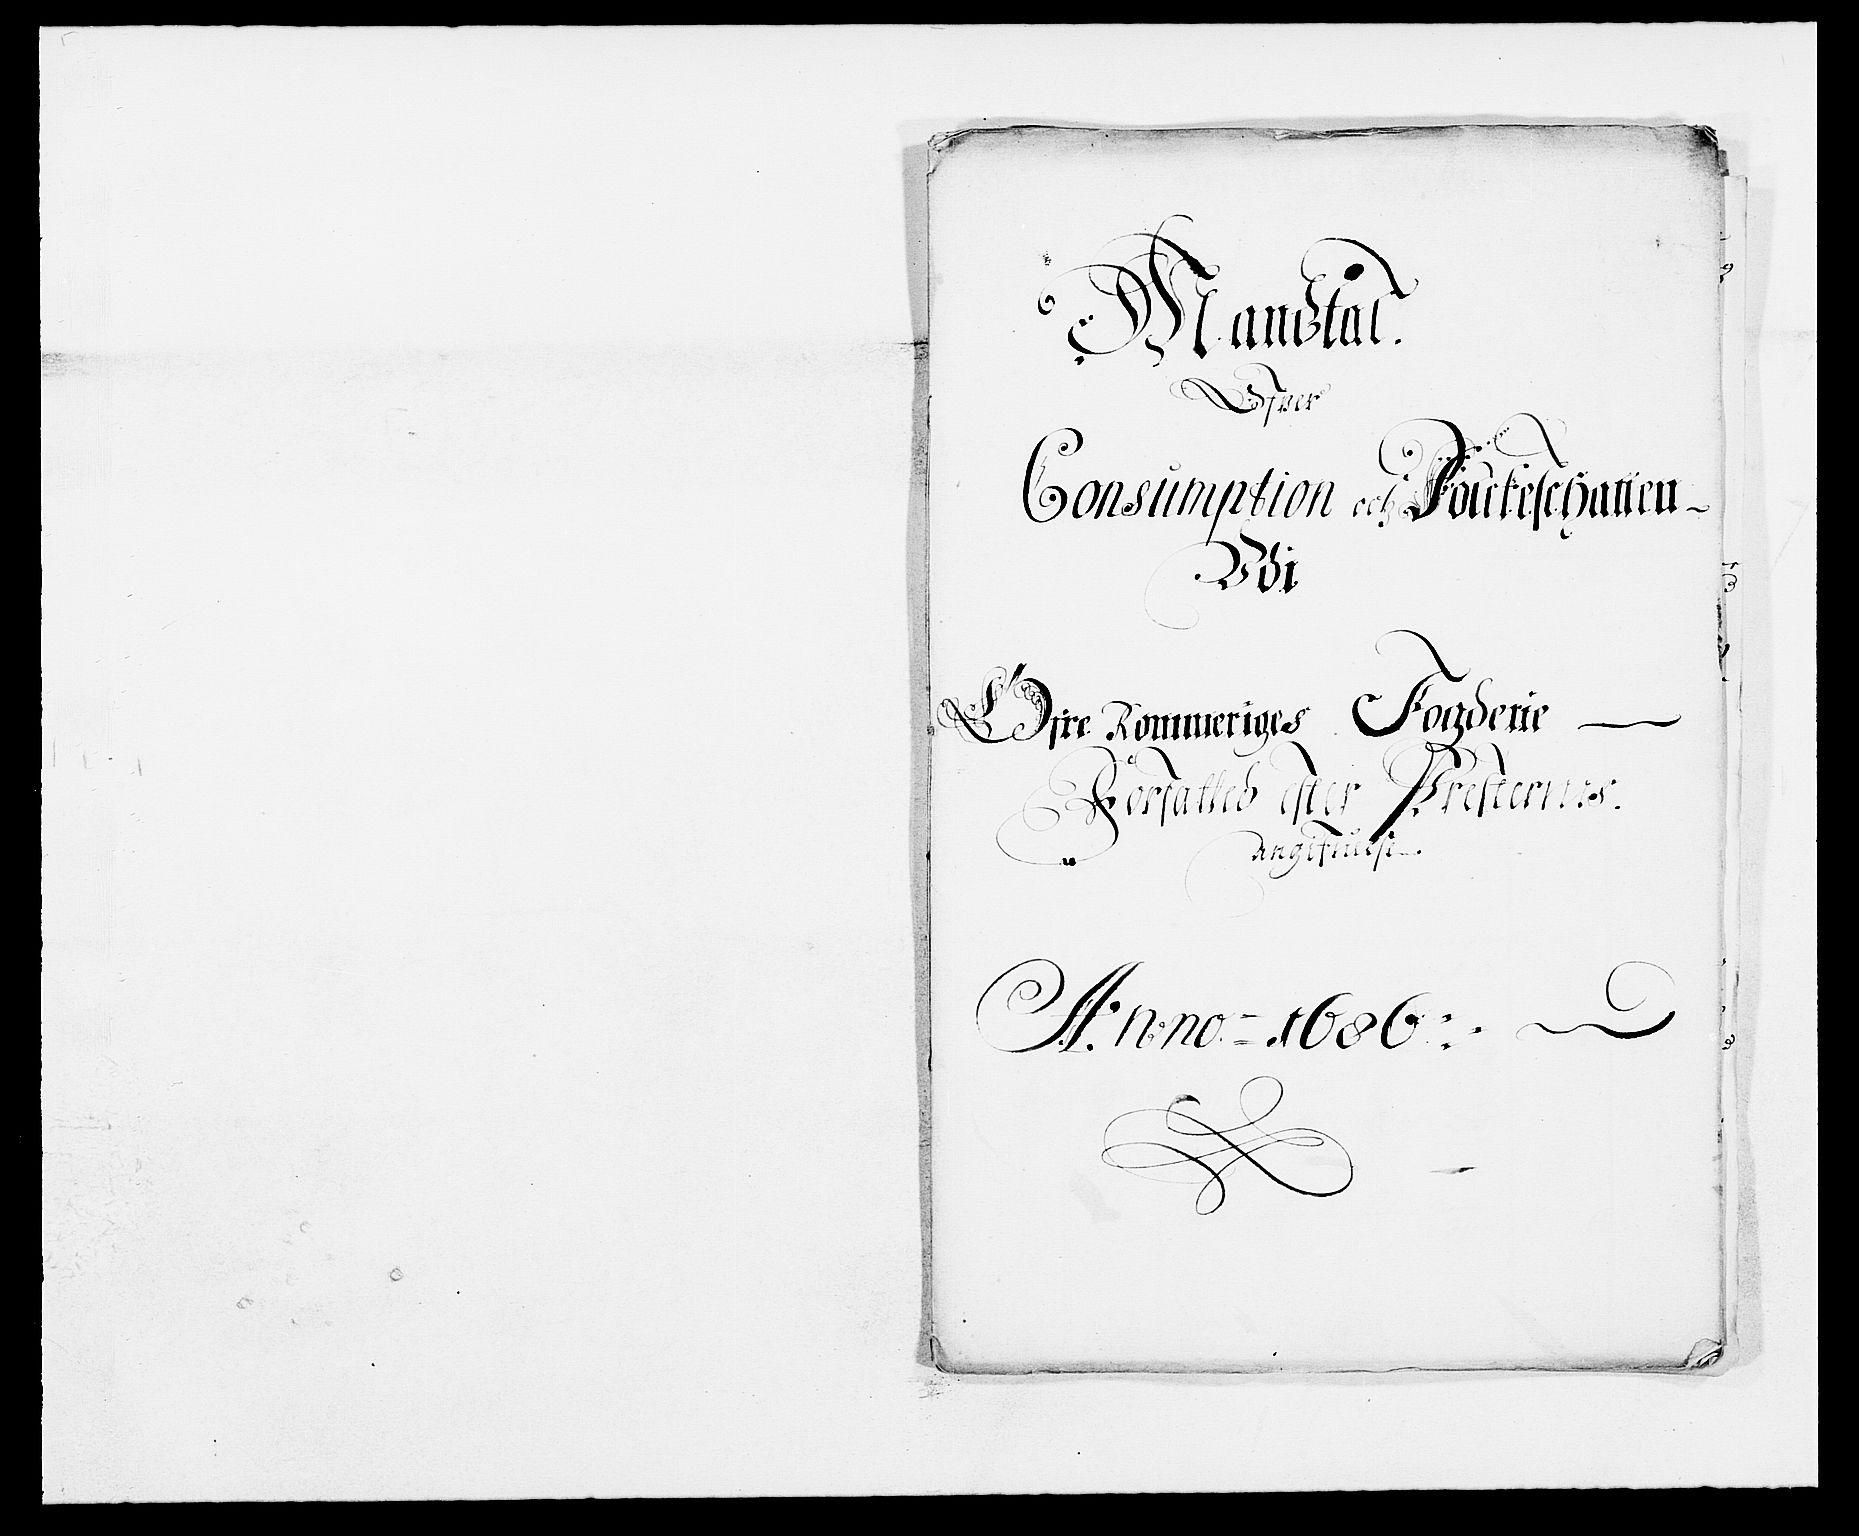 RA, Rentekammeret inntil 1814, Reviderte regnskaper, Fogderegnskap, R12/L0699: Fogderegnskap Øvre Romerike, 1685-1686, s. 297